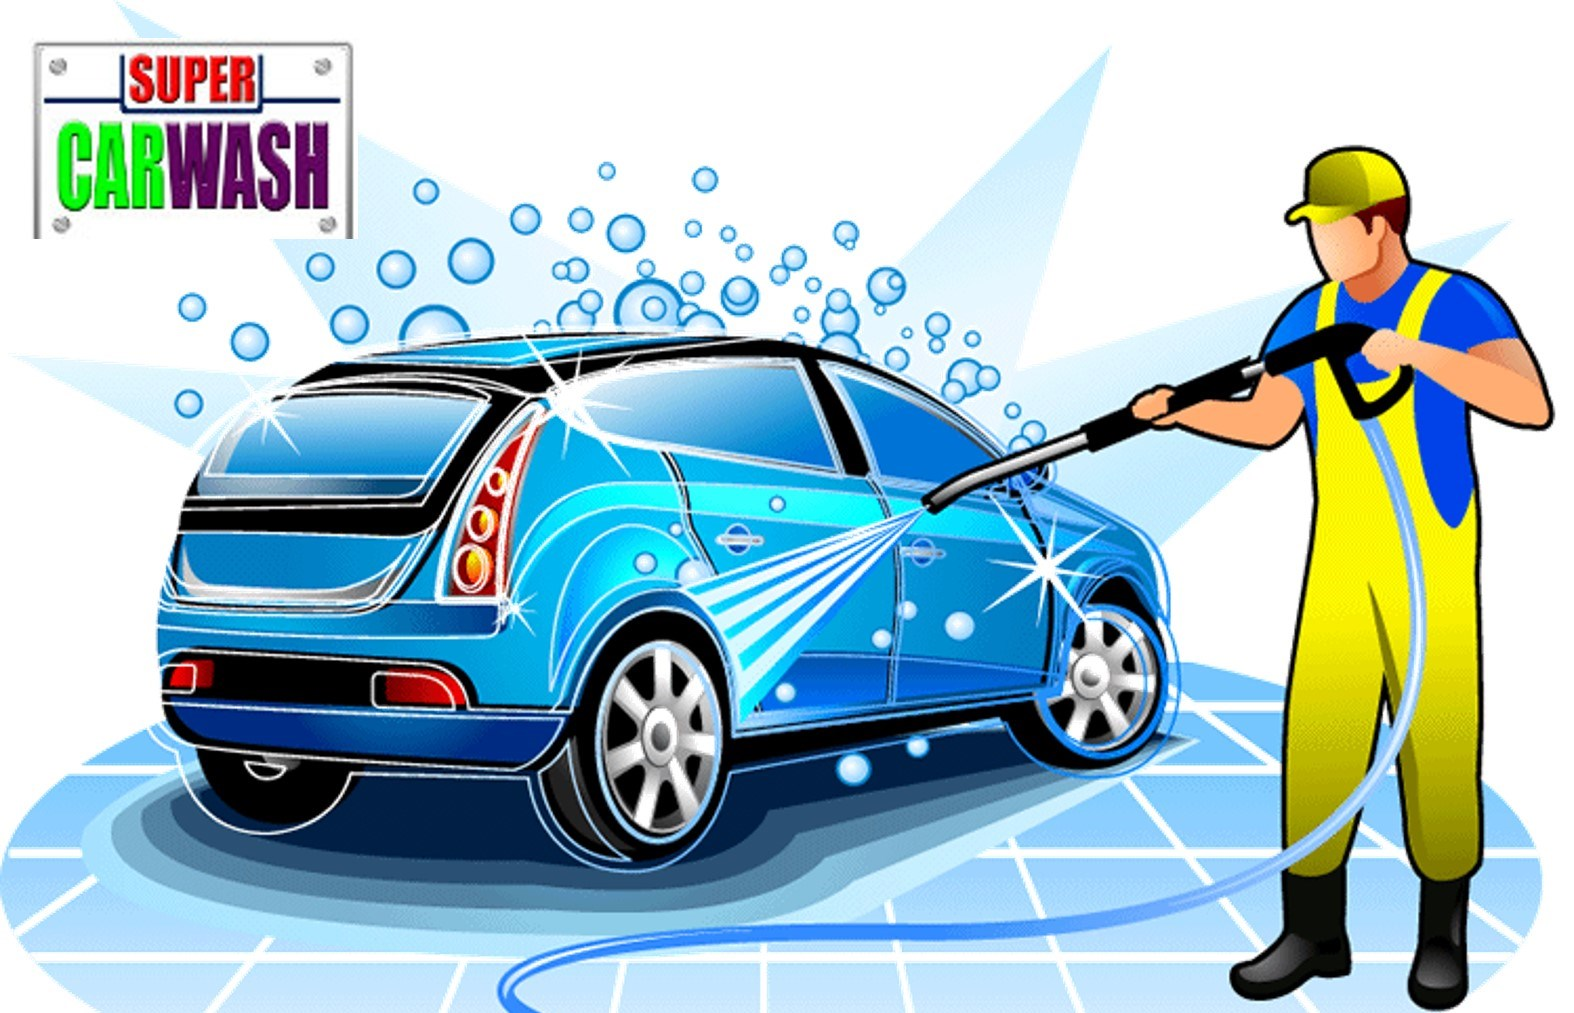 4,90€ από 10€ για πλύσιμο Αυτοκινήτου (μέσα-εξω) & Υγρό Κέρωμα, στο Υψηλής τεχνολογίας πλυντήριο αυτοκινήτων ''Super Car Wash'' στα Βριλήσσια (δίπλα στα Alouette) εικόνα